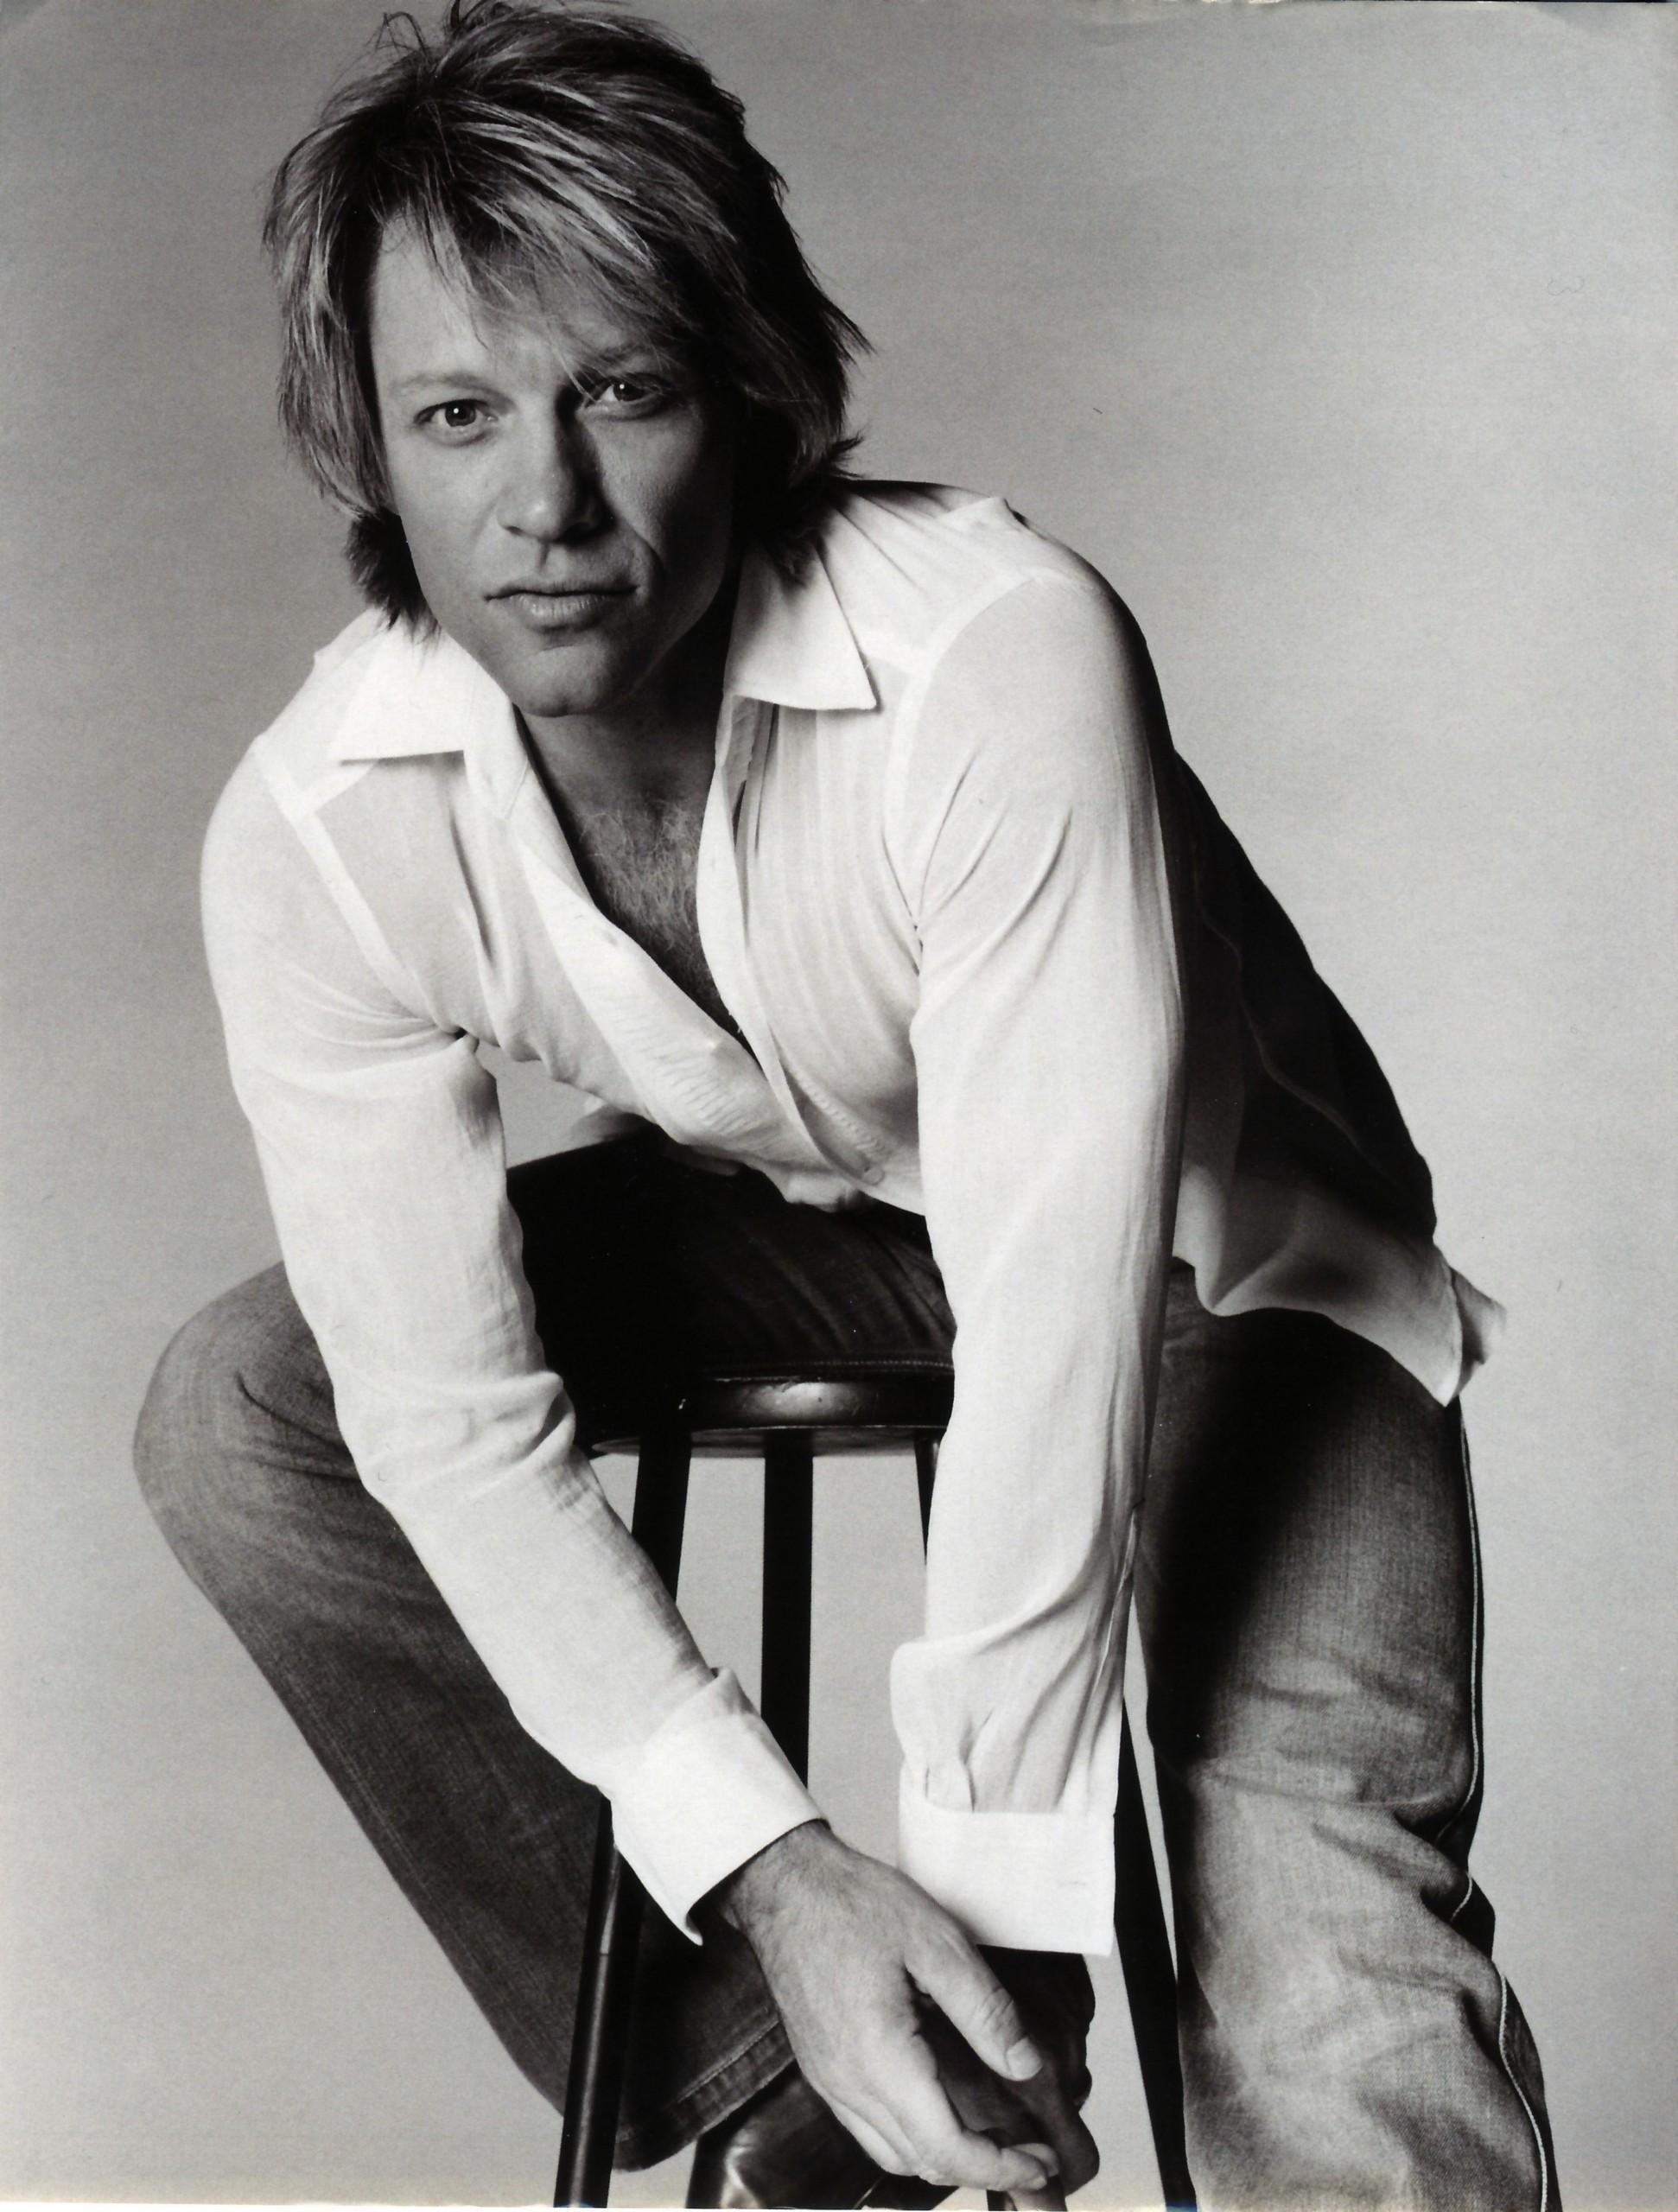 Http Www Fanpop Com Clubs Bon Jovi Images 15216280 Title Bon Jovi Photo